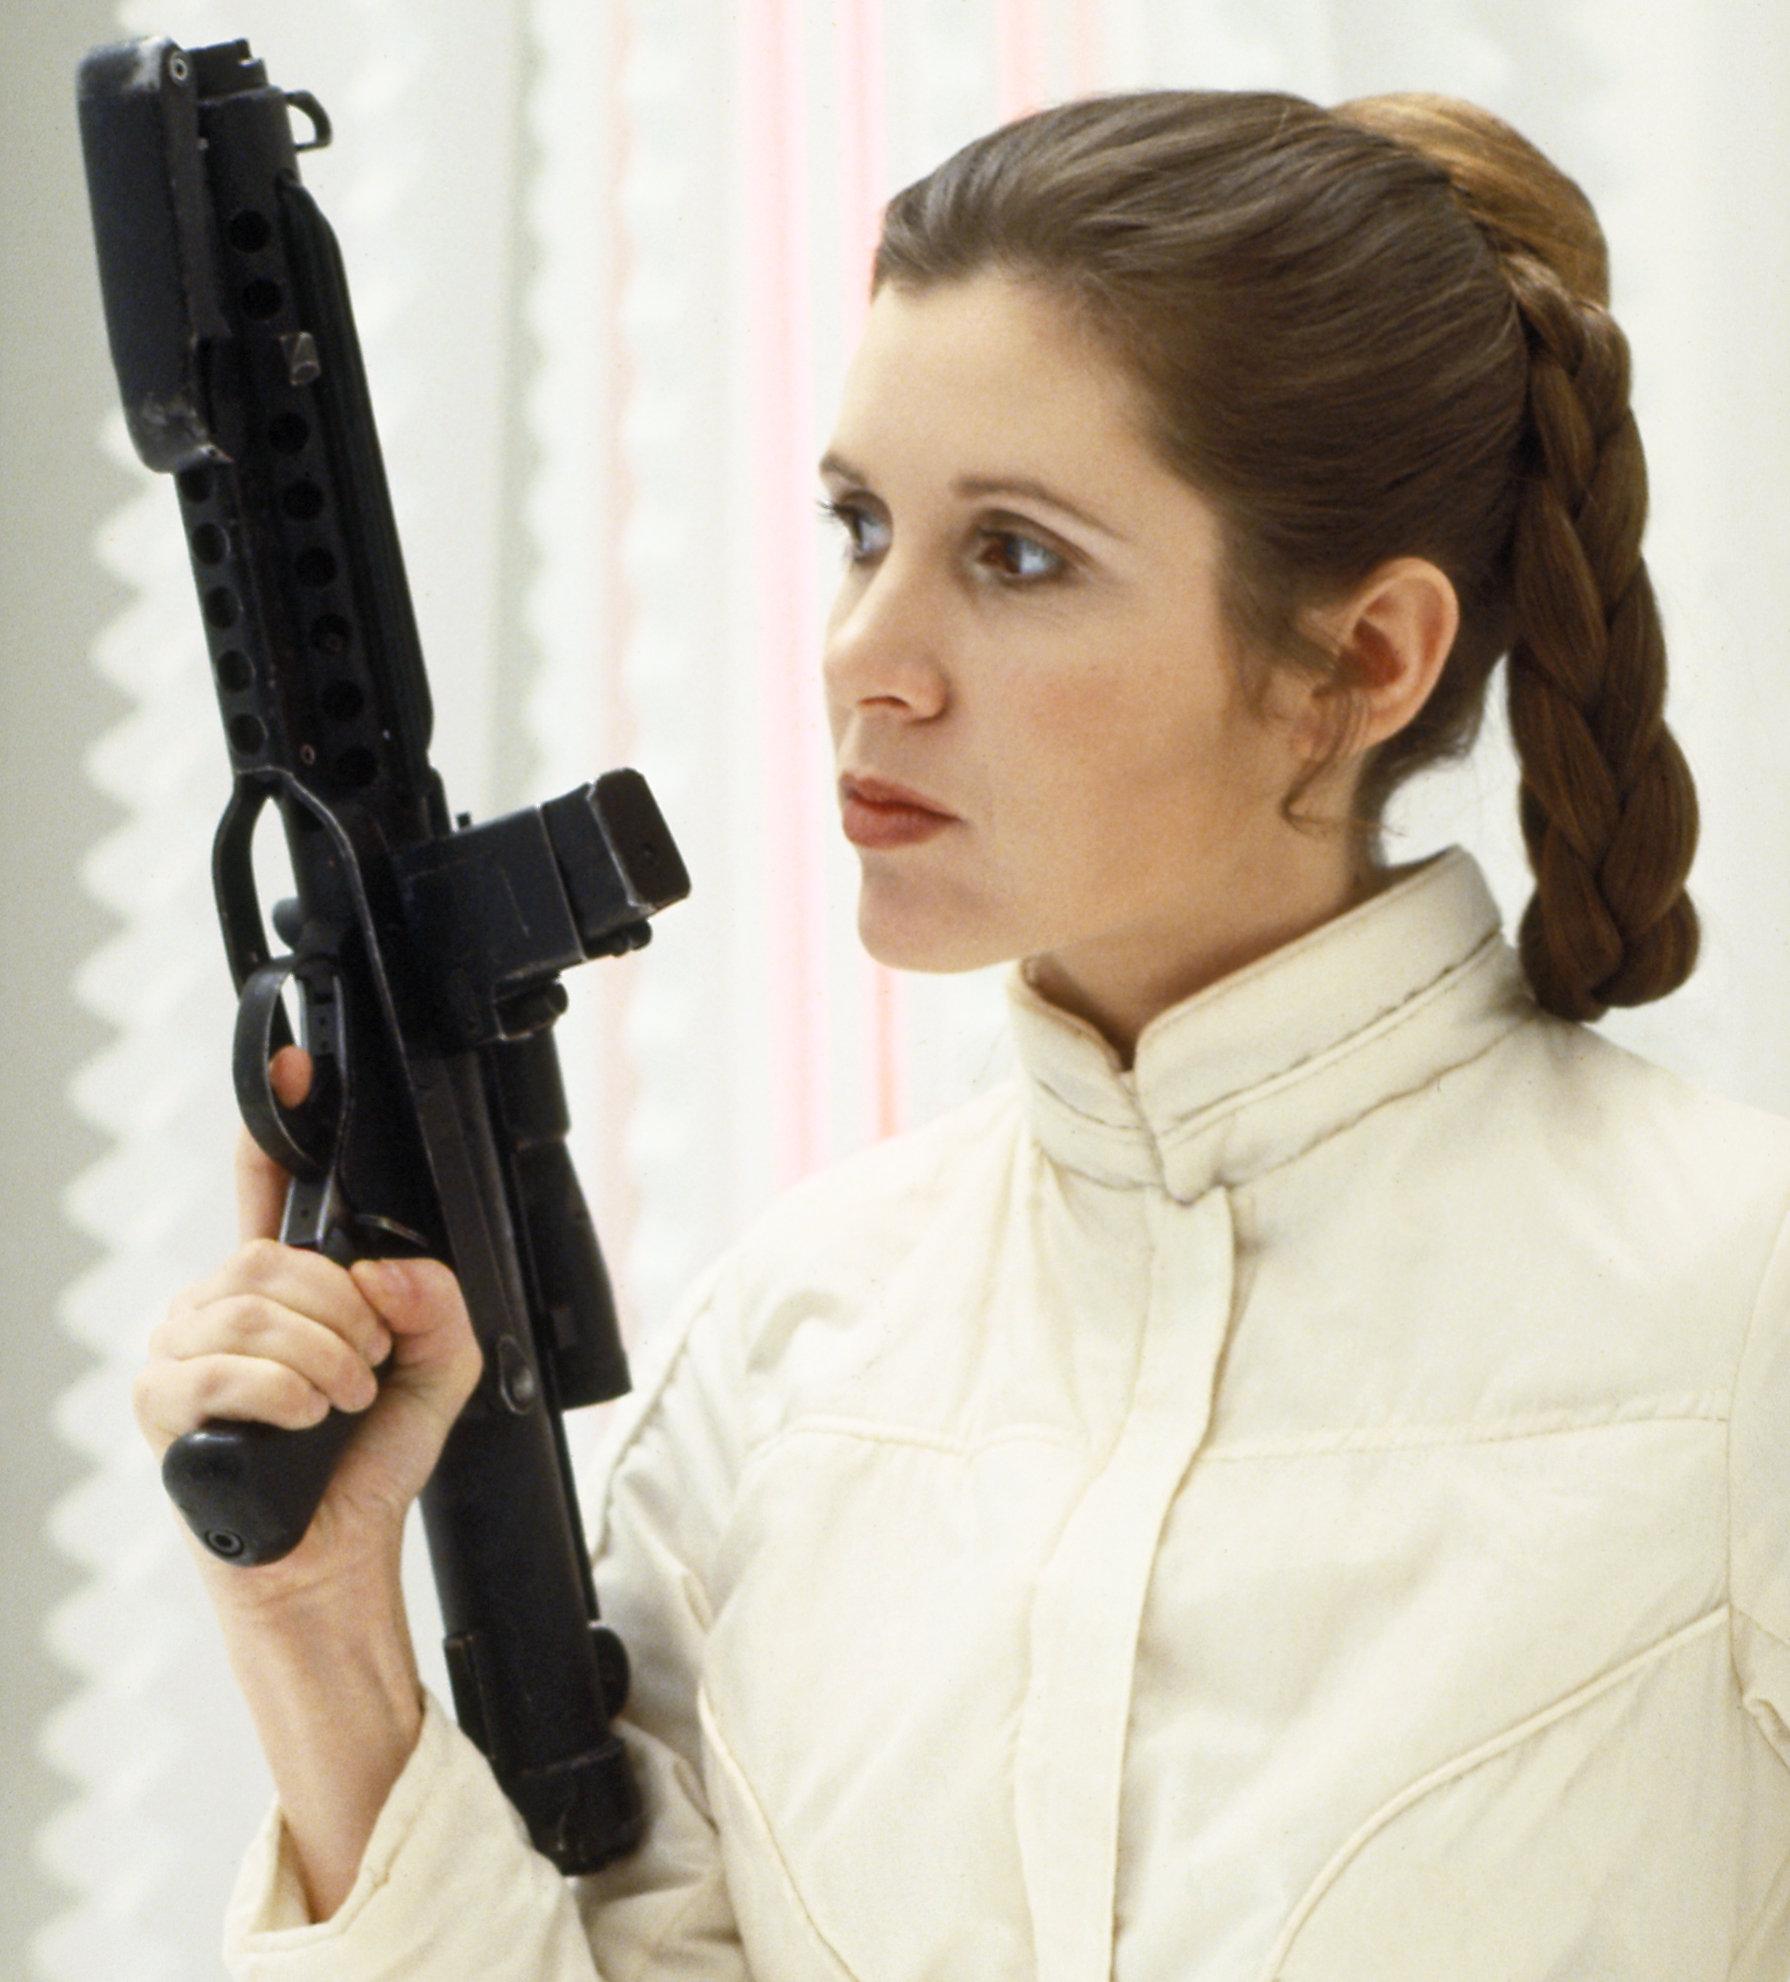 star-wars-episode-iii-blaster-a35c418bdd16ea1b.jpg